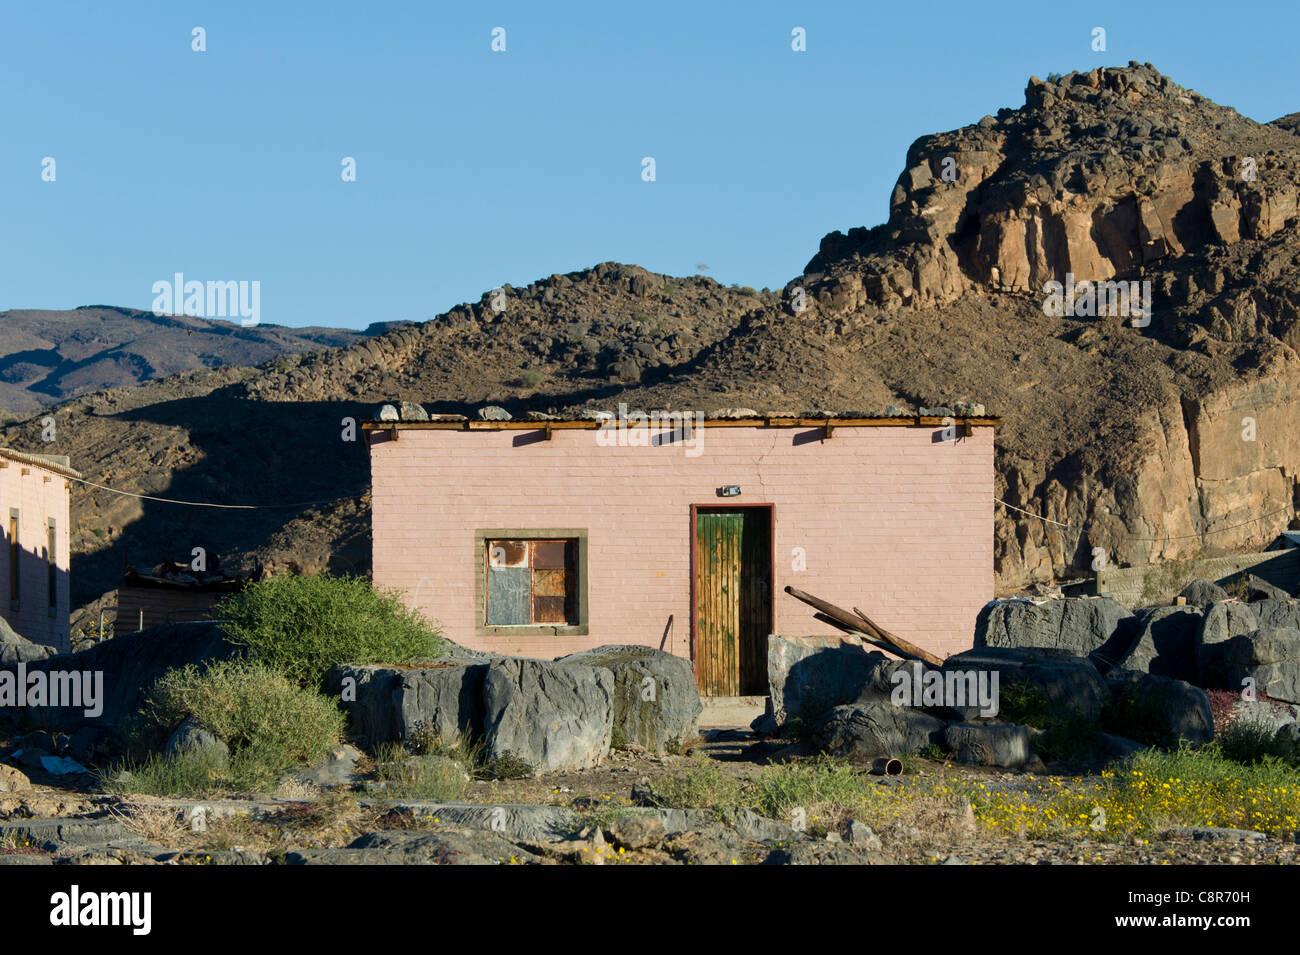 Los trabajadores agrícolas casa en Noordoewer Namibia Imagen De Stock